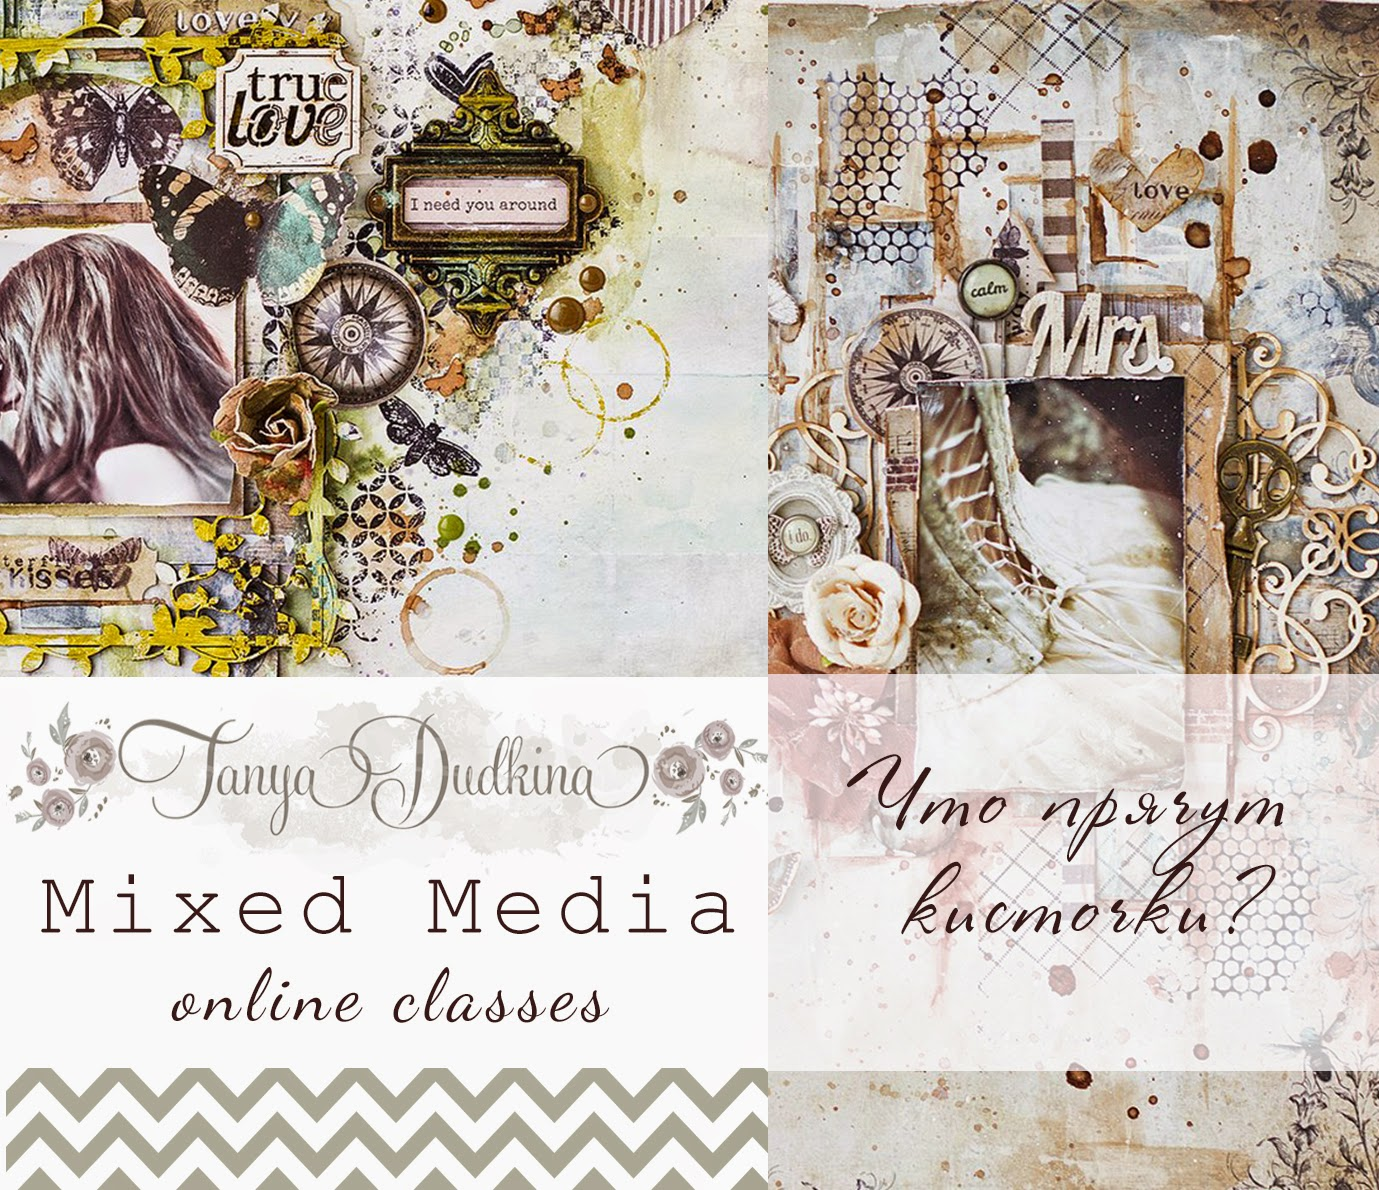 http://1littlehedgehog.blogspot.ru/2014/09/2015.html